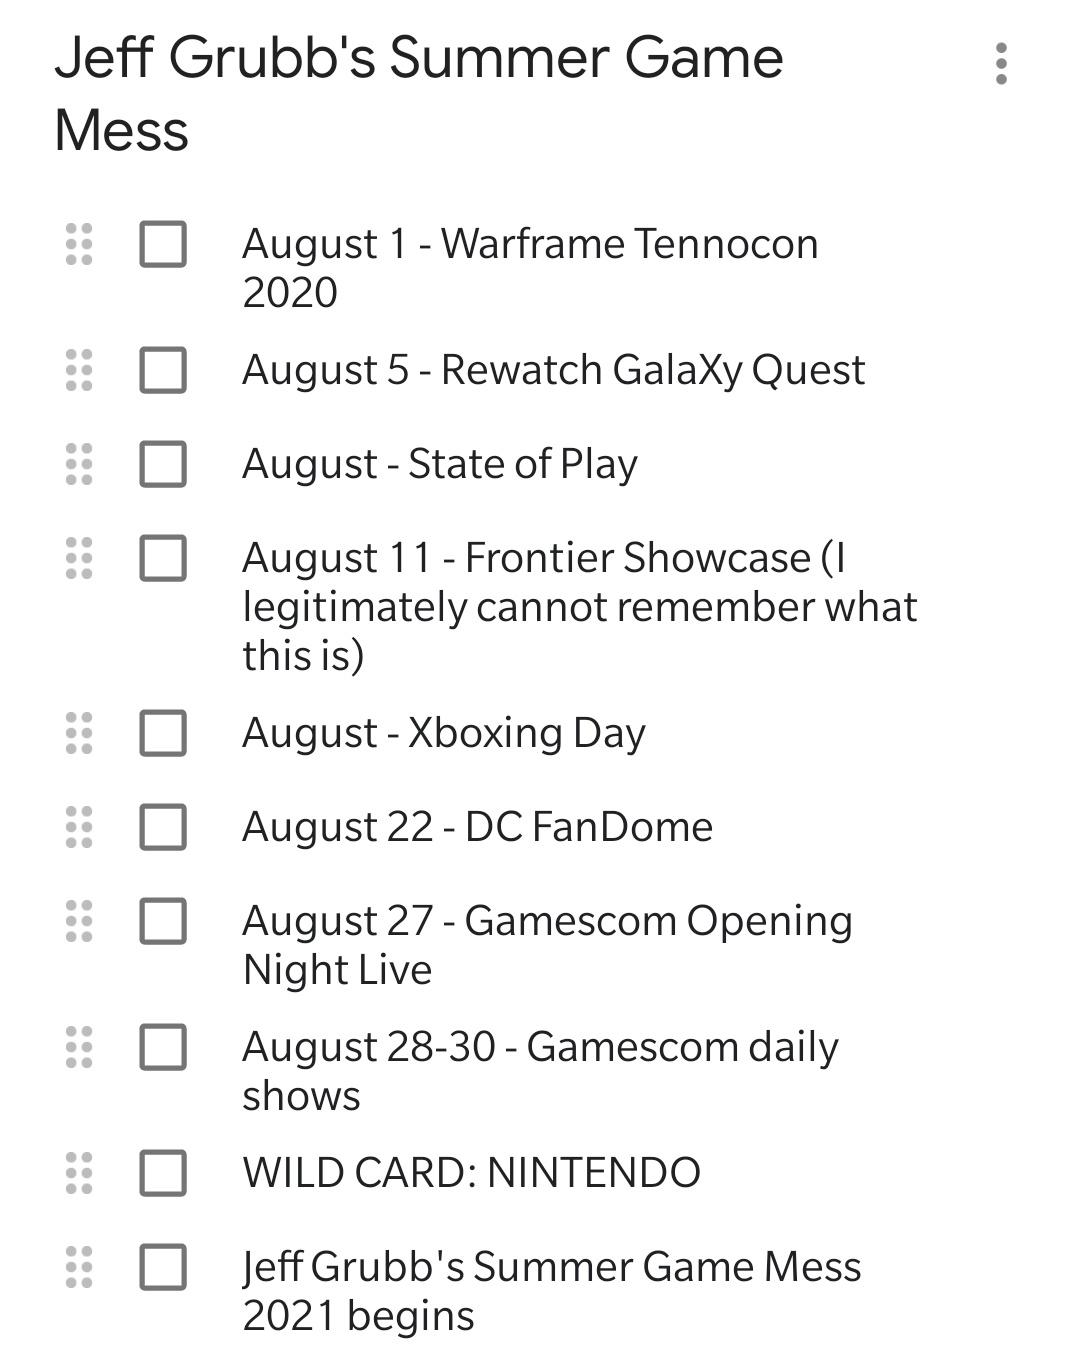 Когда пройдет игровое мероприятие Xbox в августе?